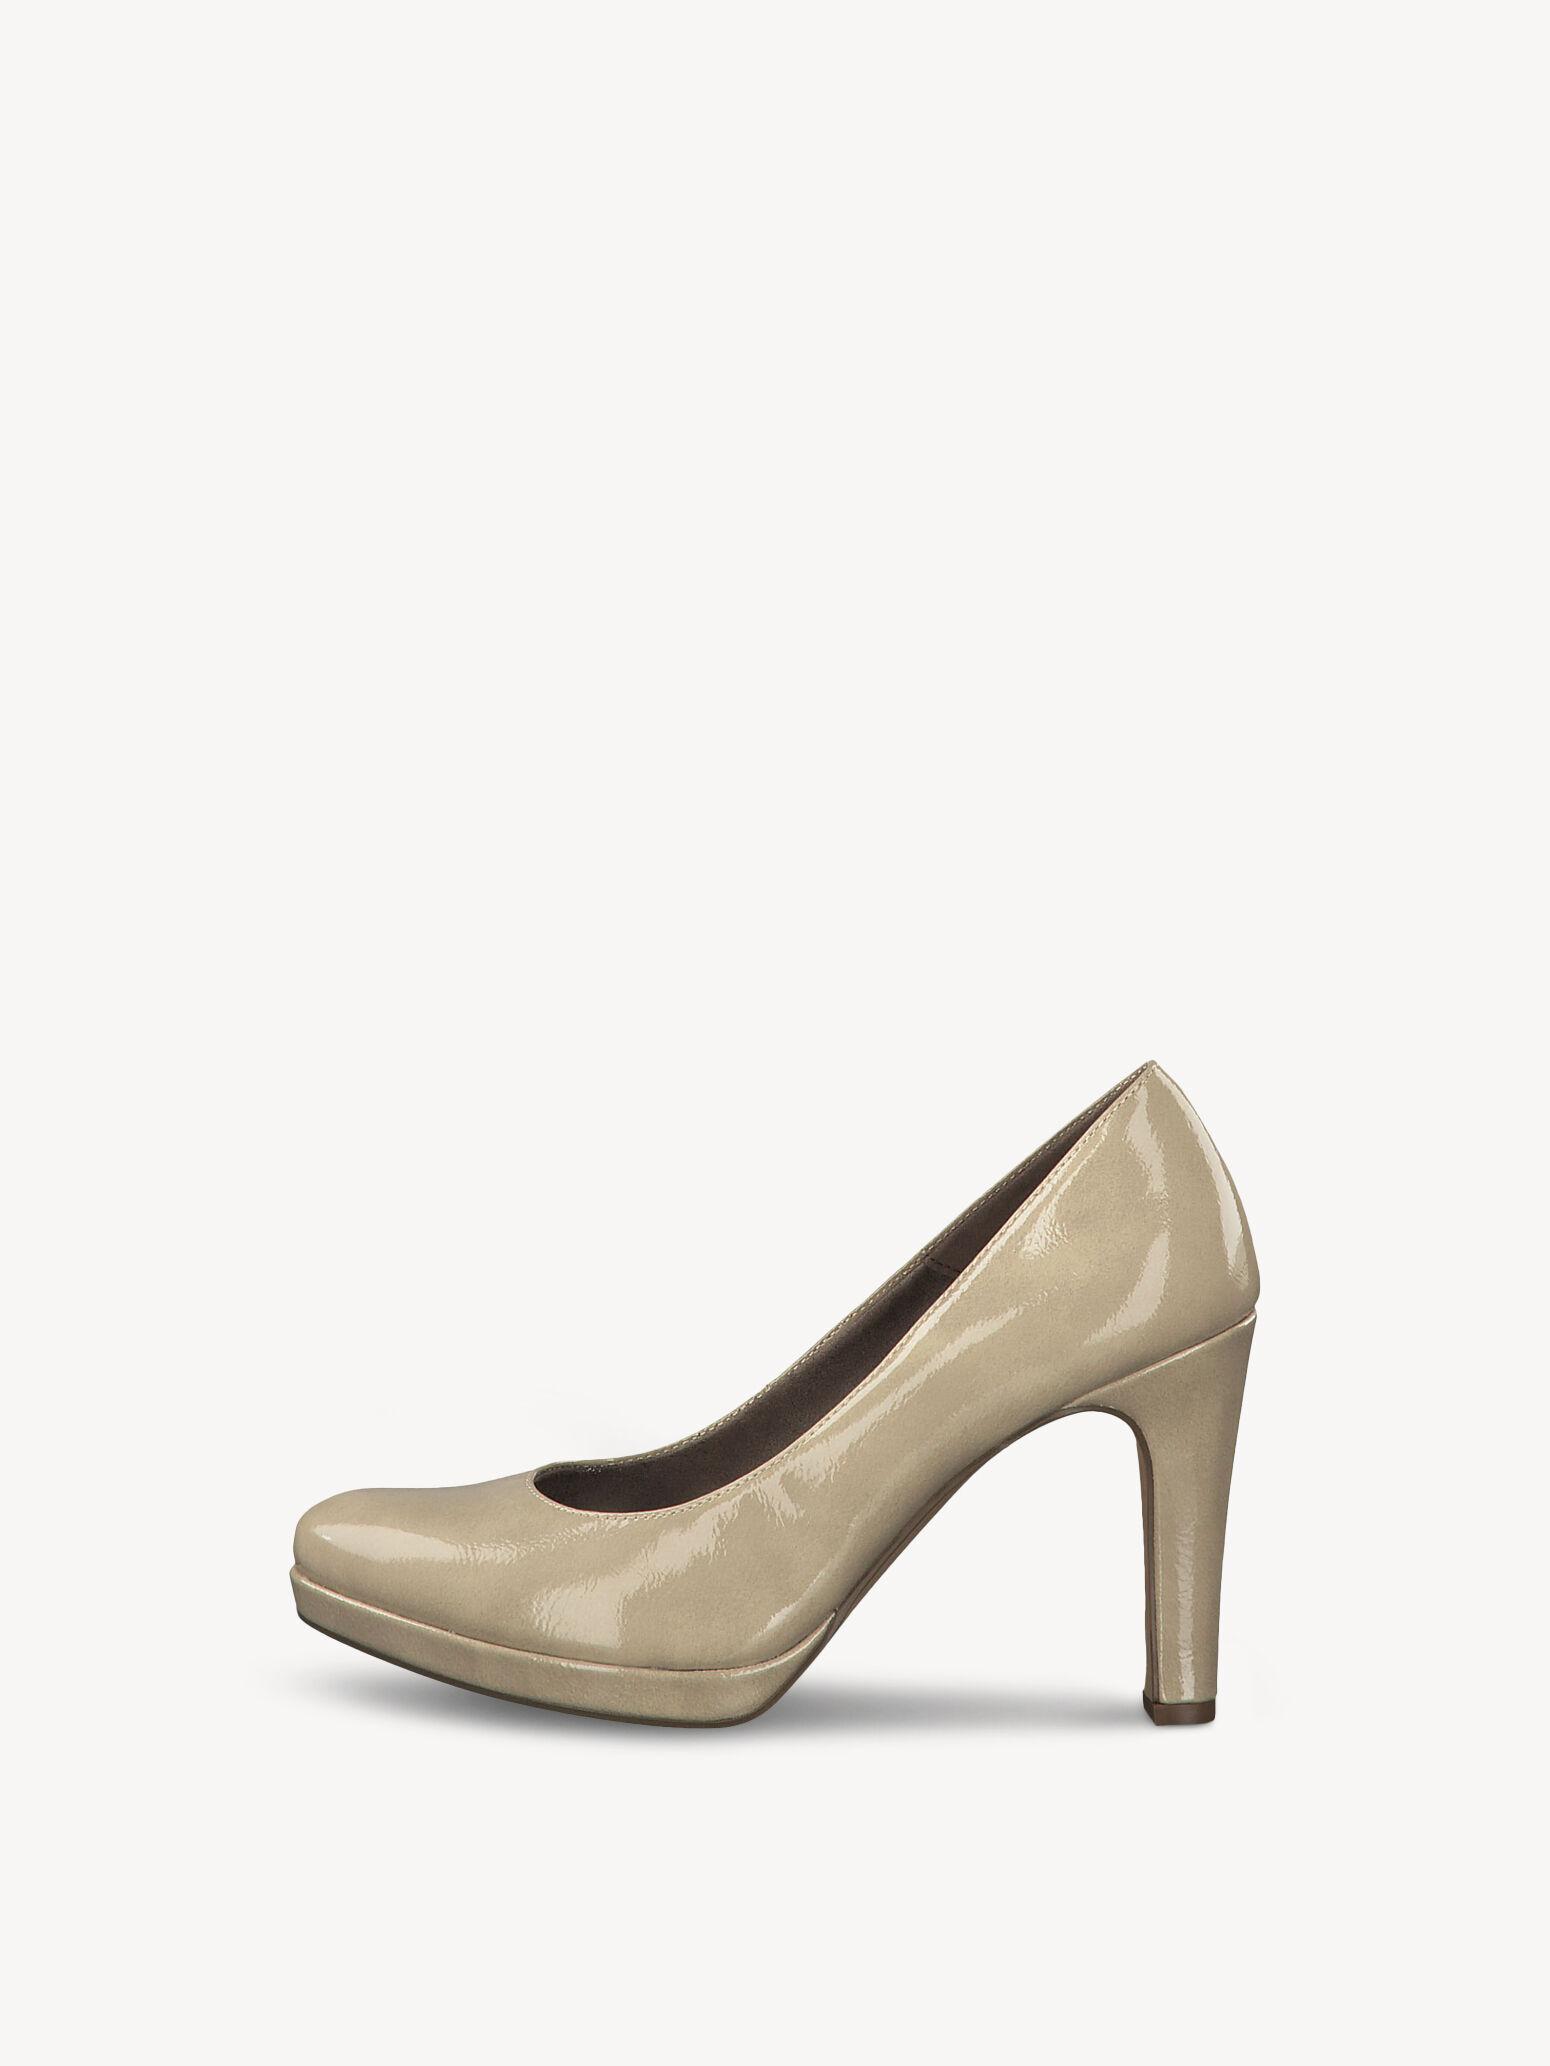 tamaris. Schuhe pumps Neu High Heels